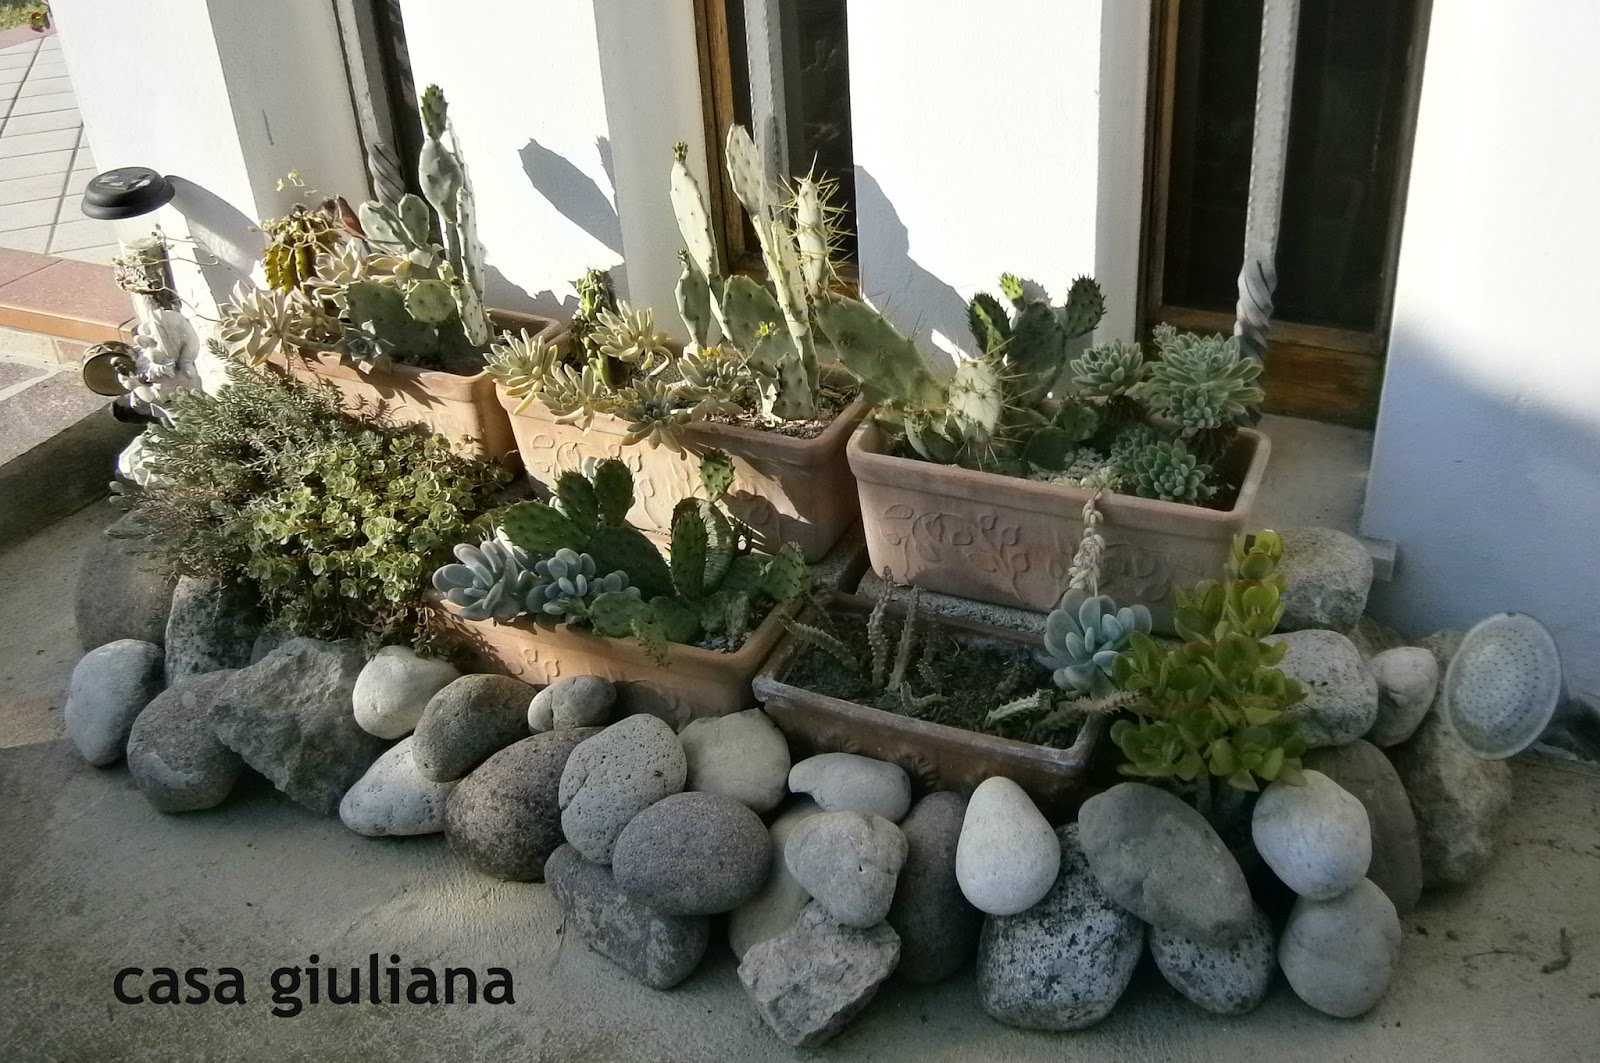 Casa giuliana le mie piante grasse vere for Piante grasse da casa